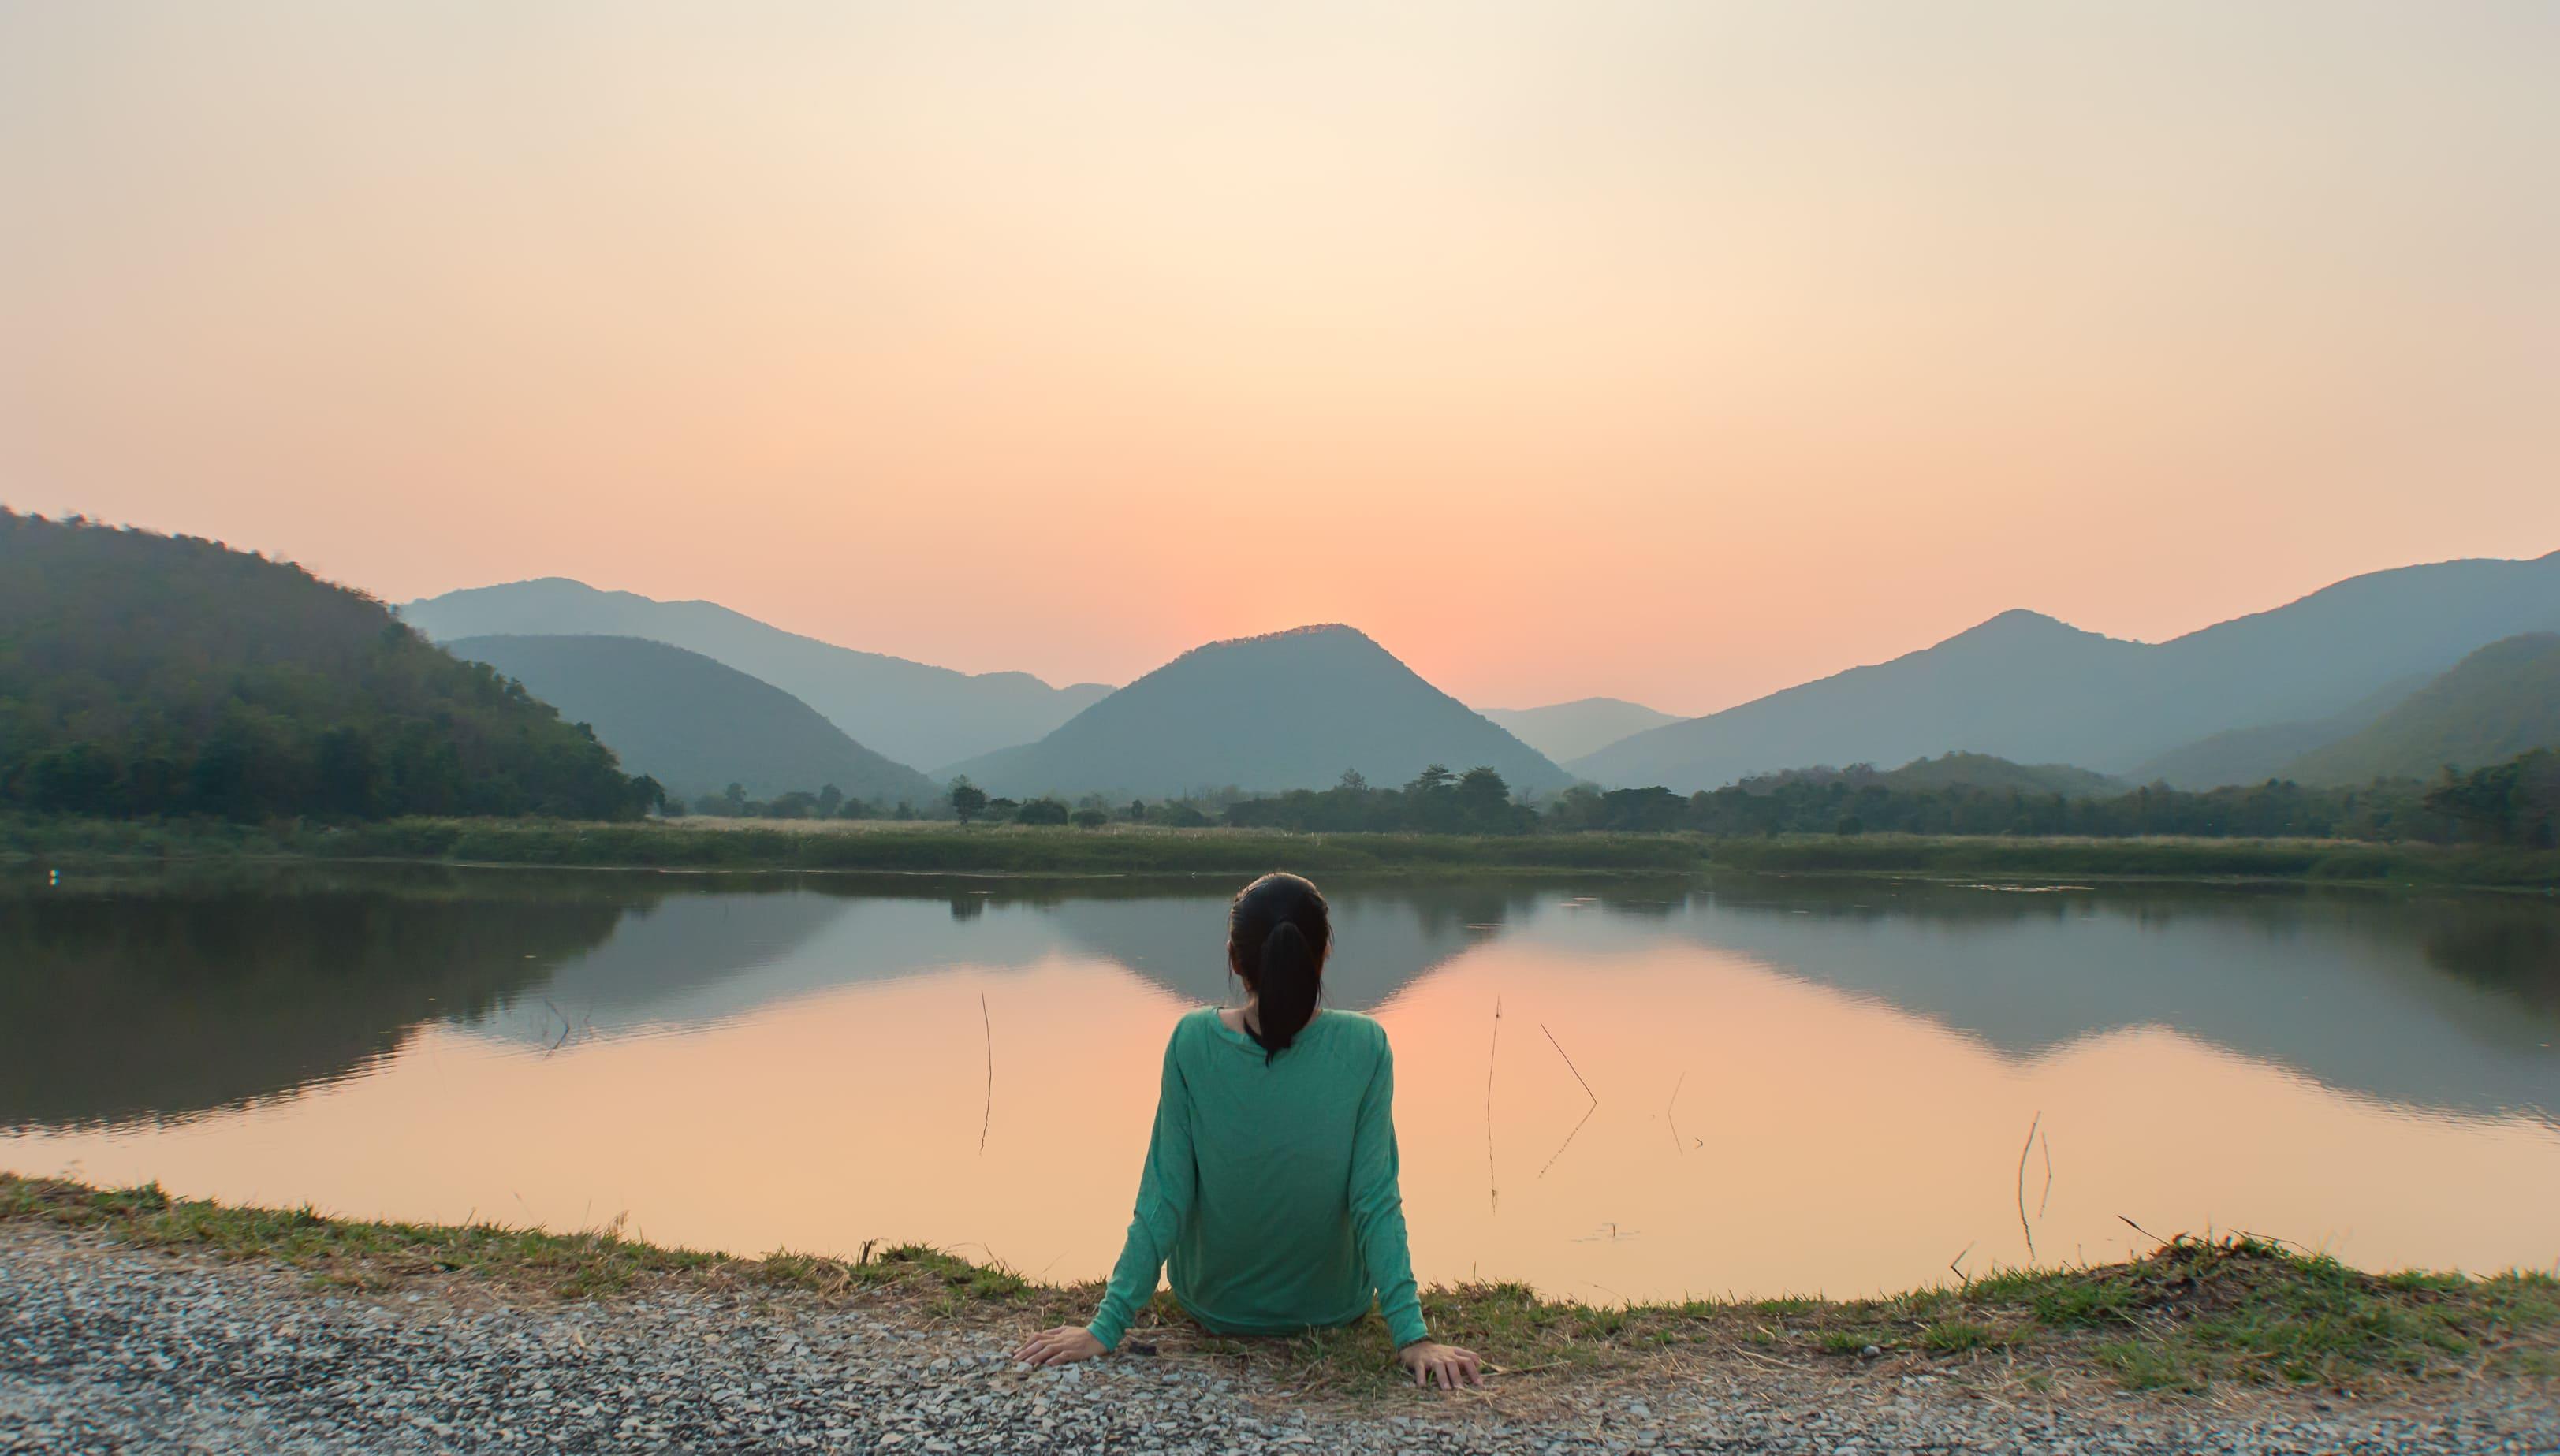 Imagem de uma mulher sentada na beira do lago praticando o mindfulness